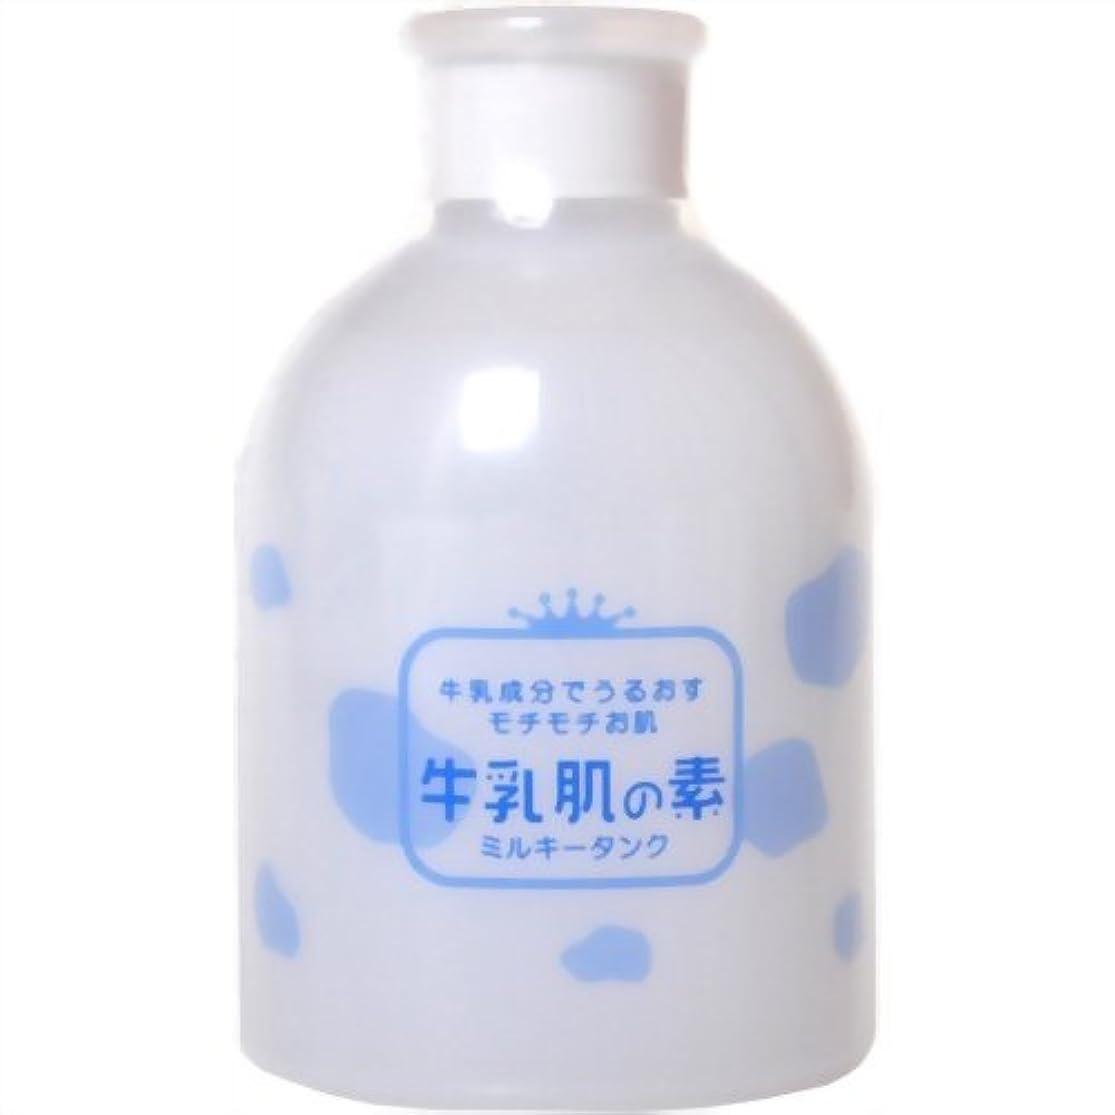 そうでなければガイダンス半島牛乳肌の素 ミルキータンク(化粧水) 300ml